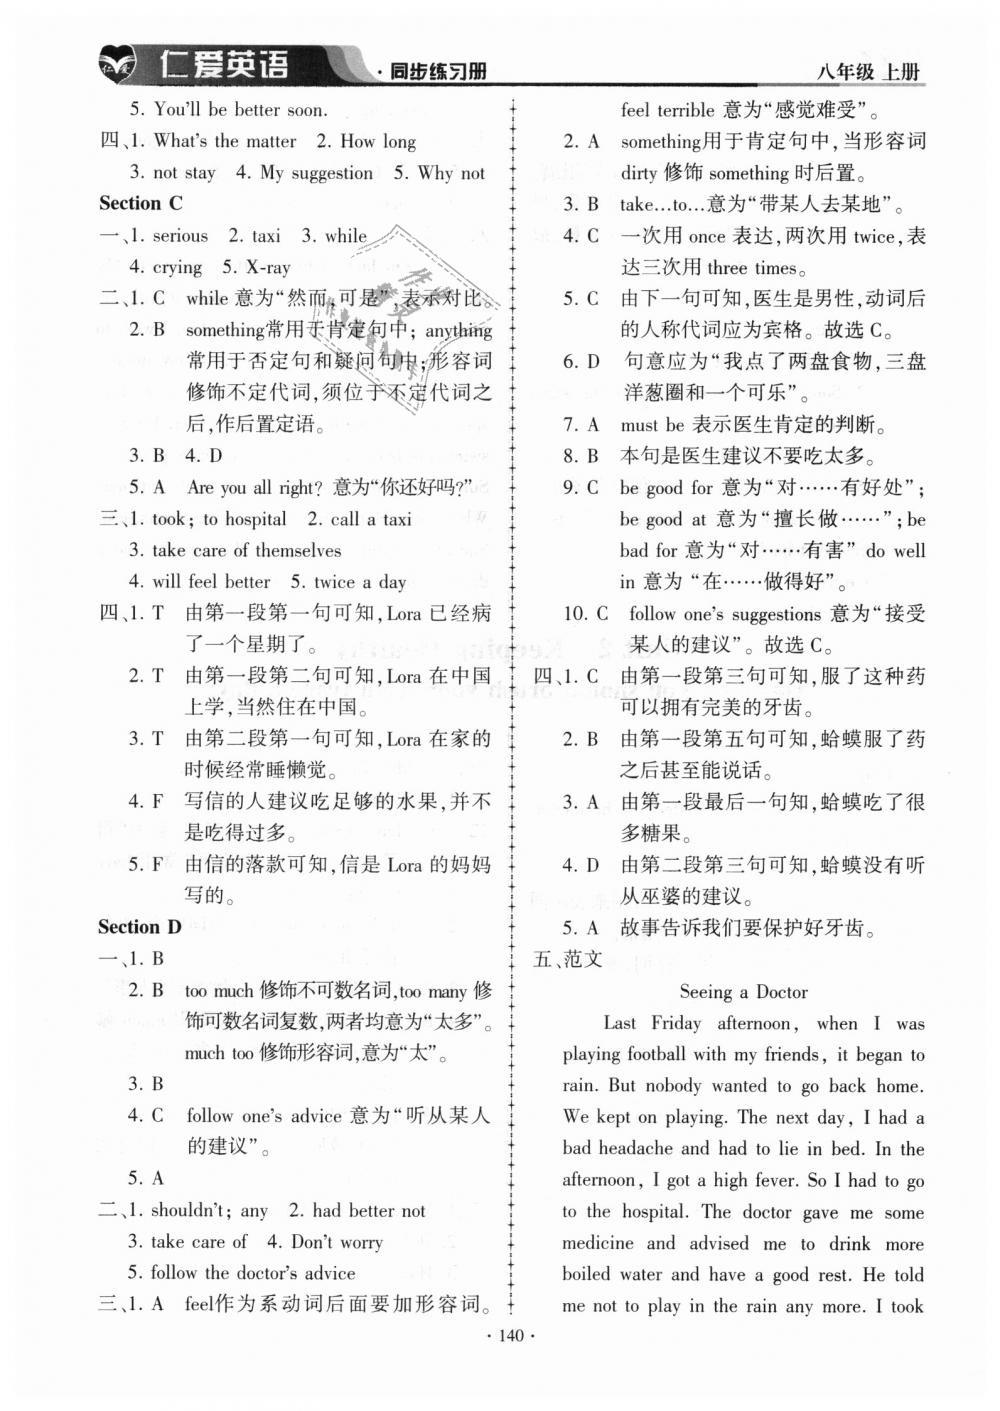 2018年仁爱英语同步练习册八年级上册E第10页